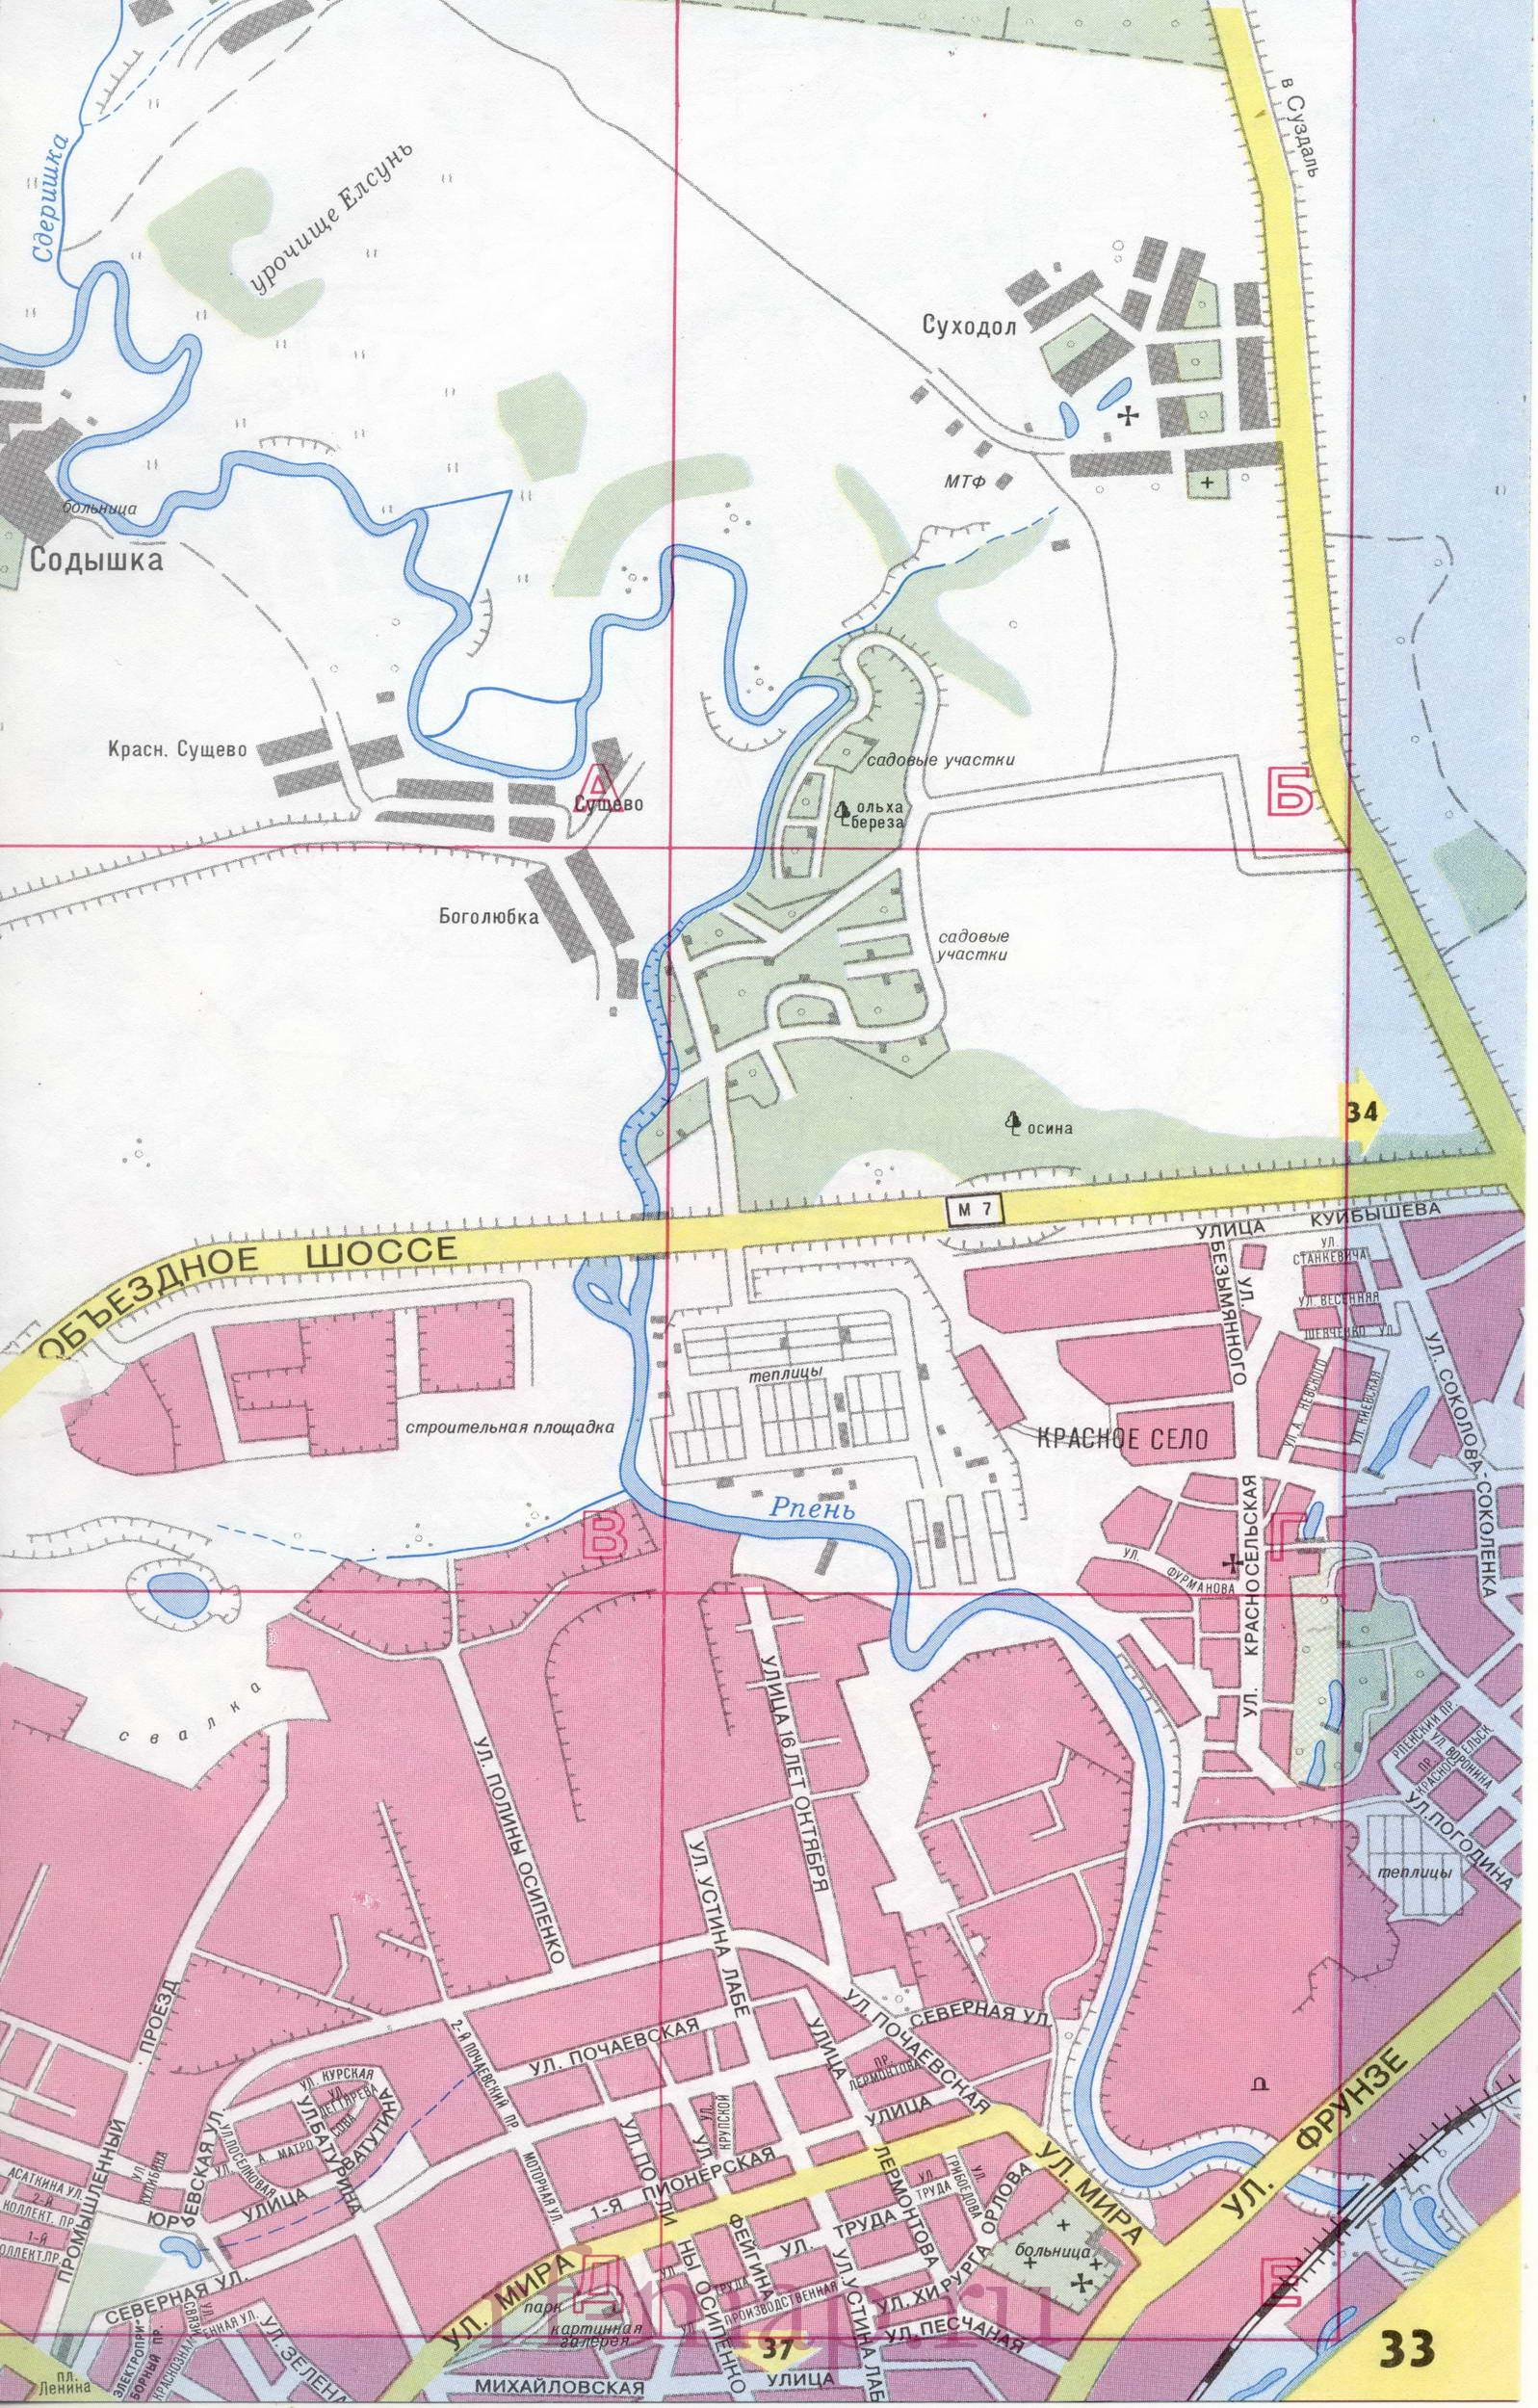 Детальная карта улиц города Владимир масштаба 1см:250м.